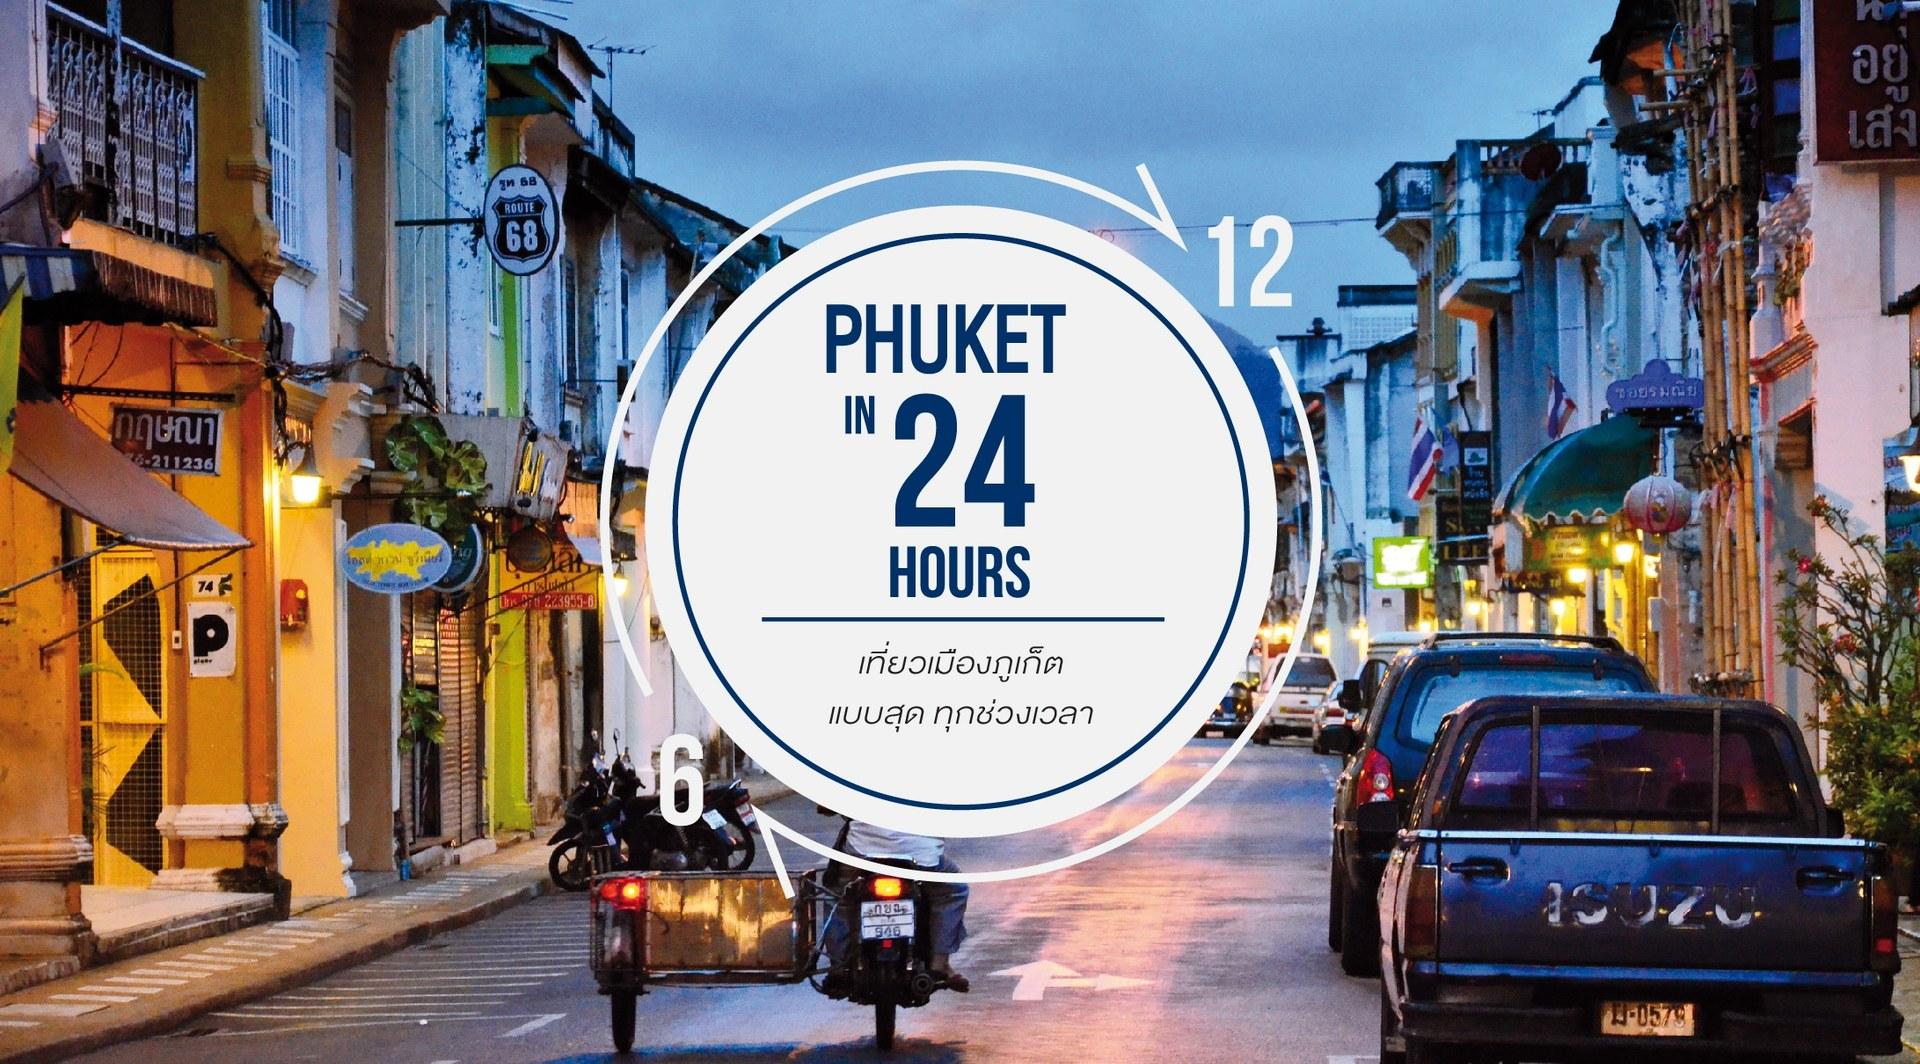 Phuket in 24 Hours